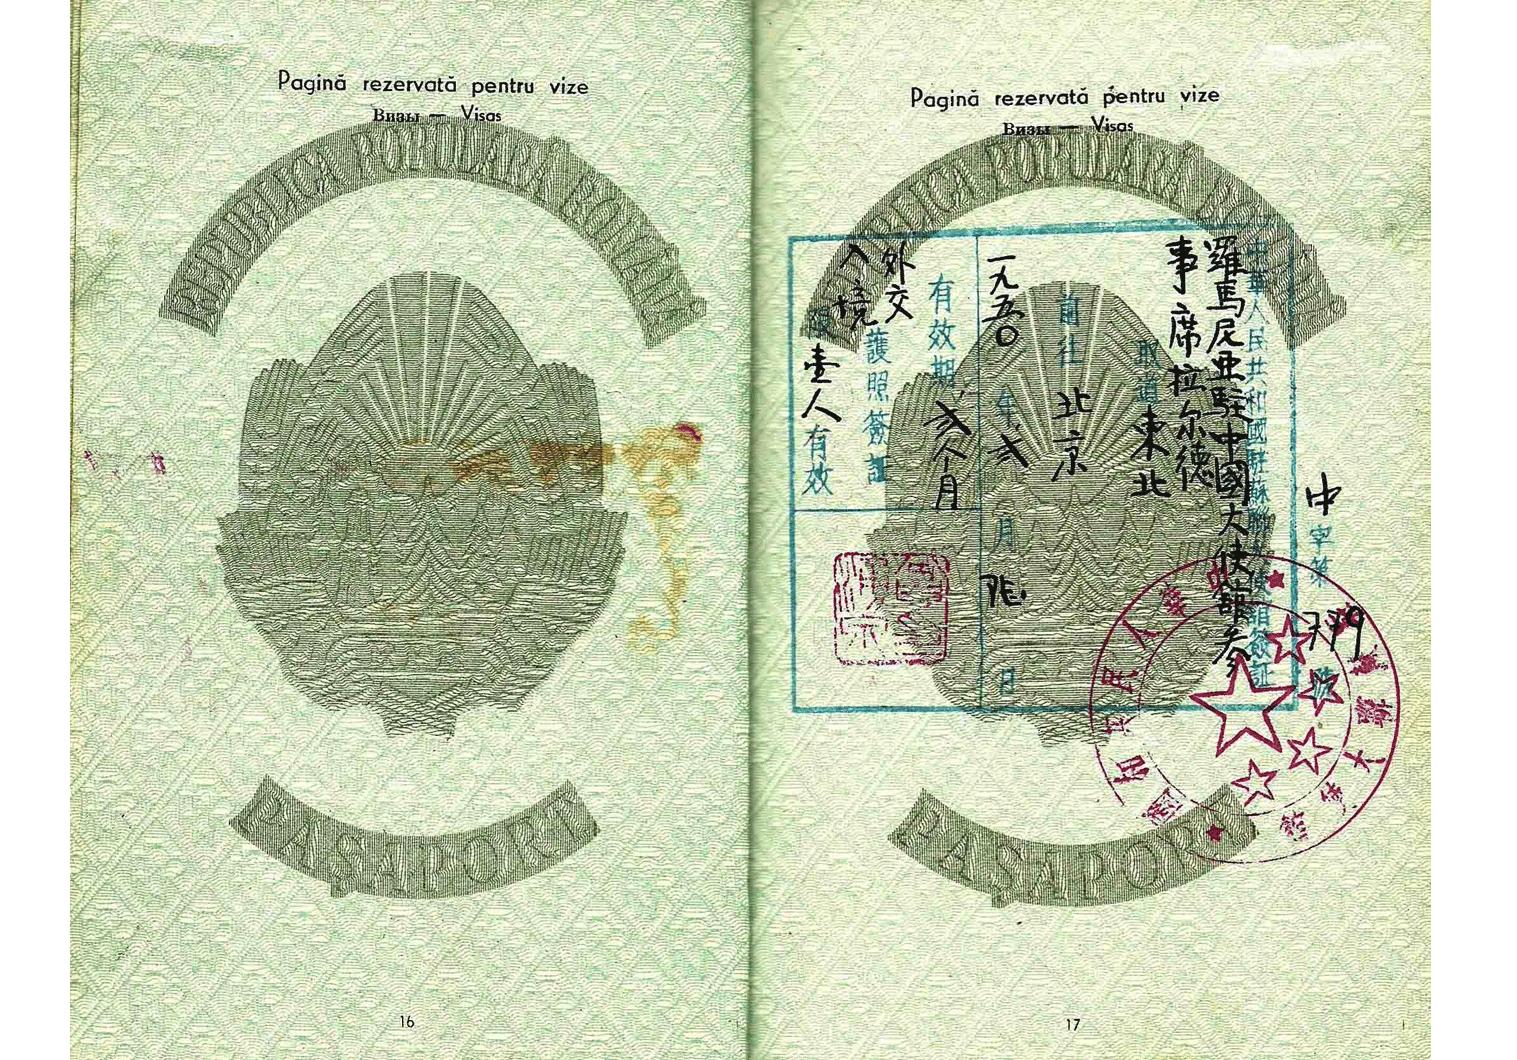 Outstanding Diplomatic passport for Beijing